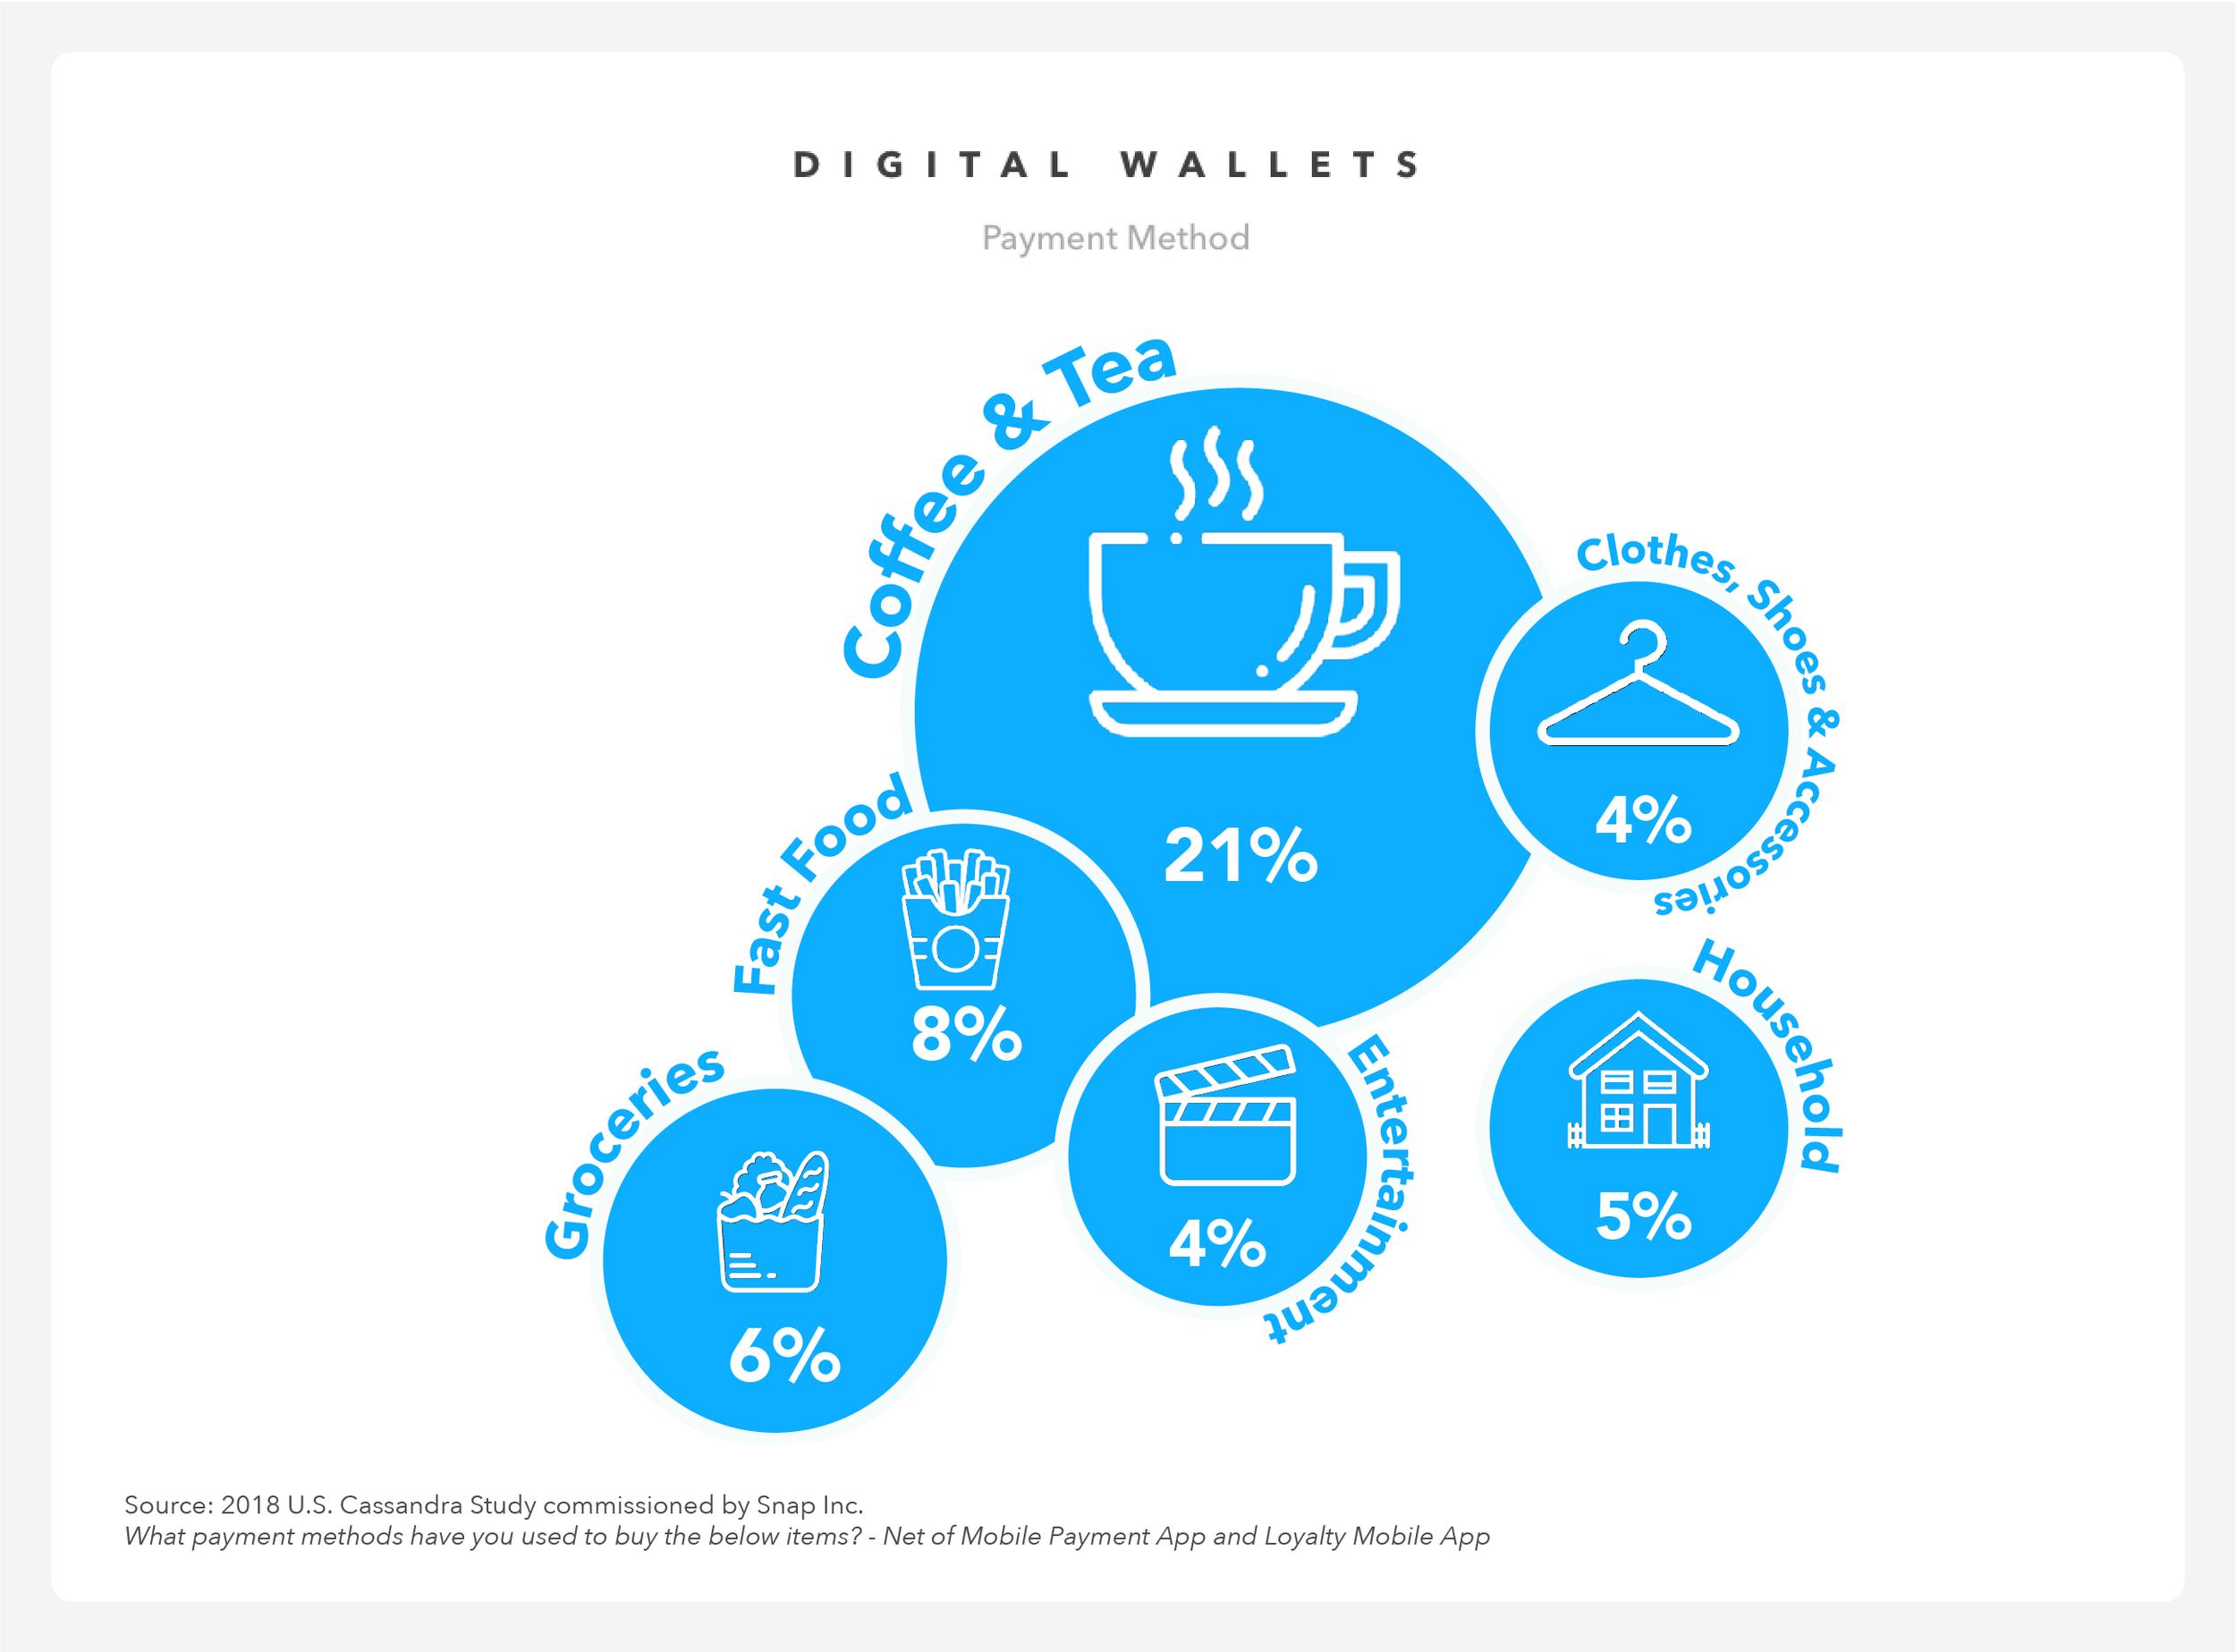 digital-wallets-trend_Snapchat-Cassandra-2019.png